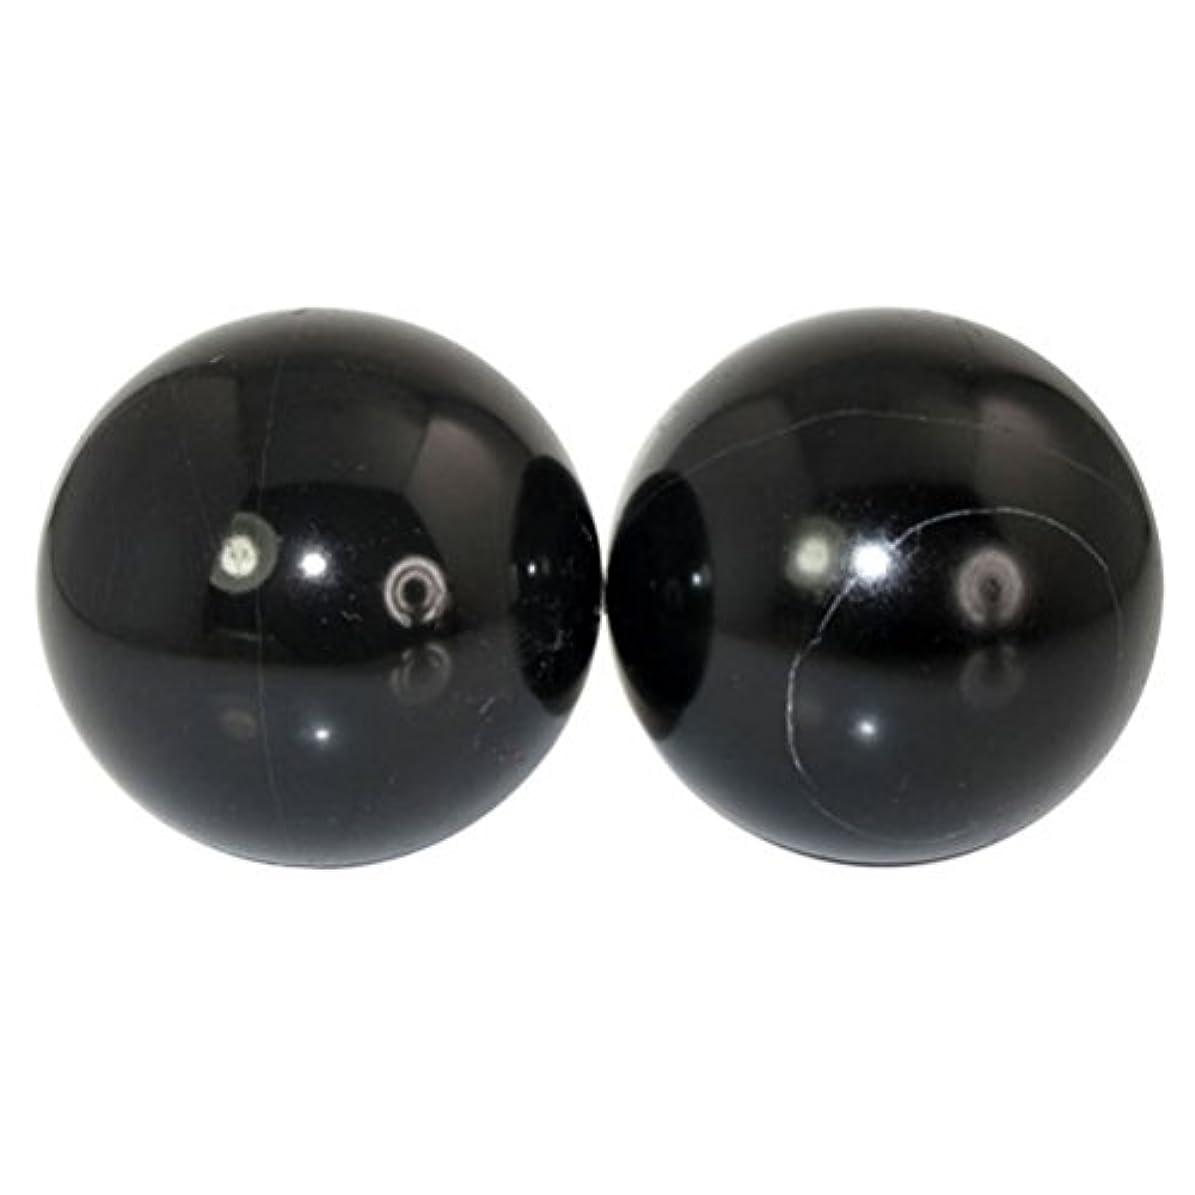 シェトランド諸島状況充電ROSENICE 2本の天然石マッサージボール瞑想フィットネスハンドエクササイズヒーリングボール(手治療用)ストレスレリーフ(黒)